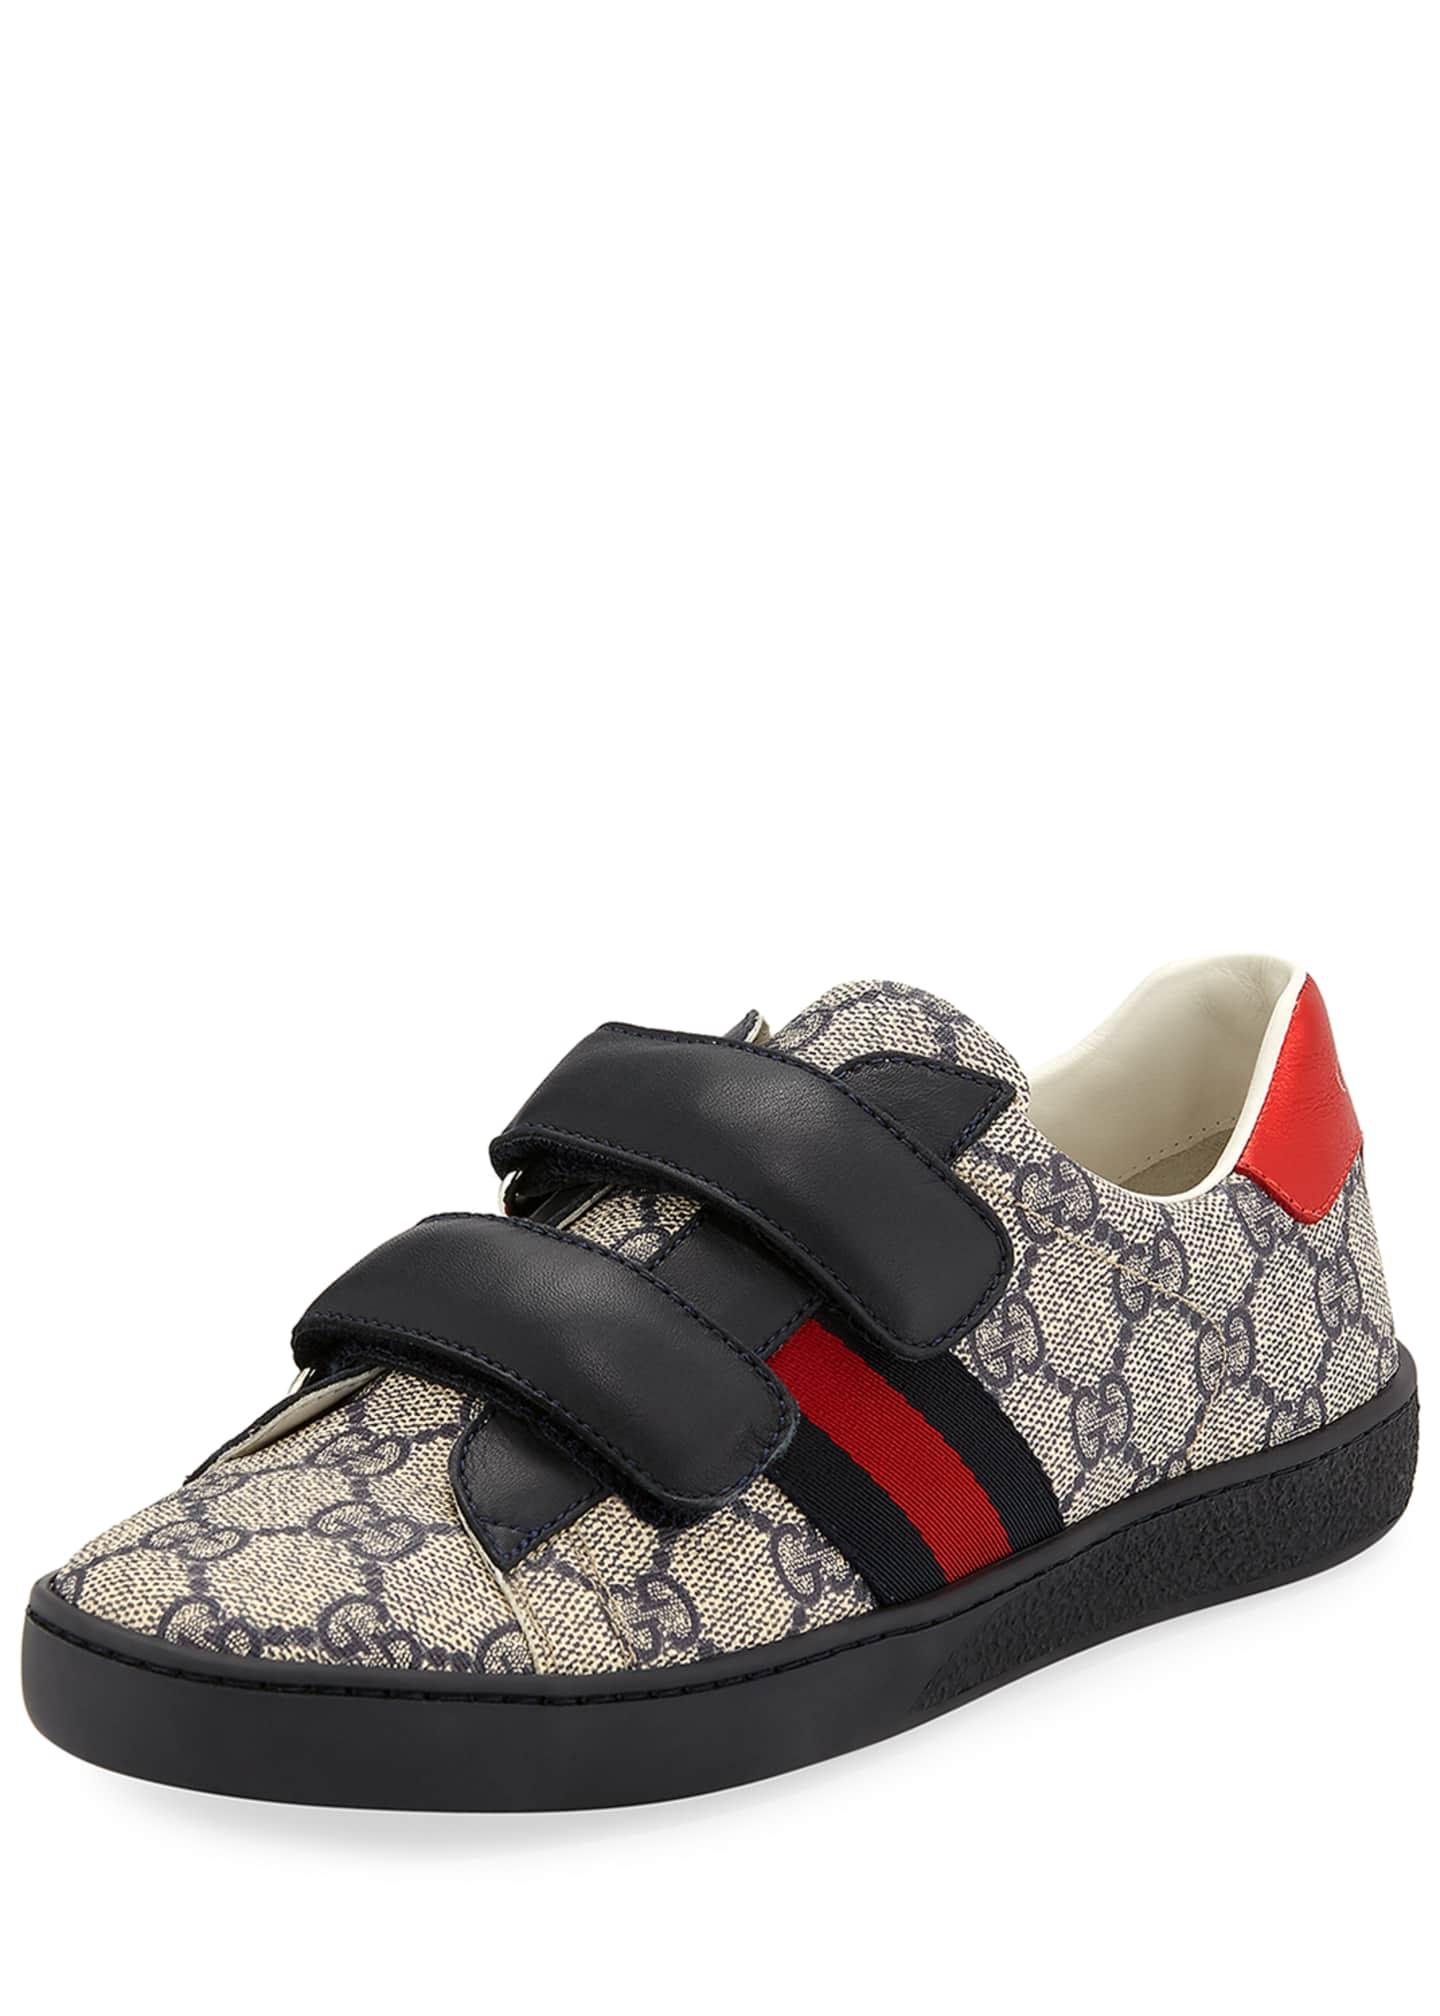 Gucci New Ace GG Supreme Canvas Web-Trim Sneakers,